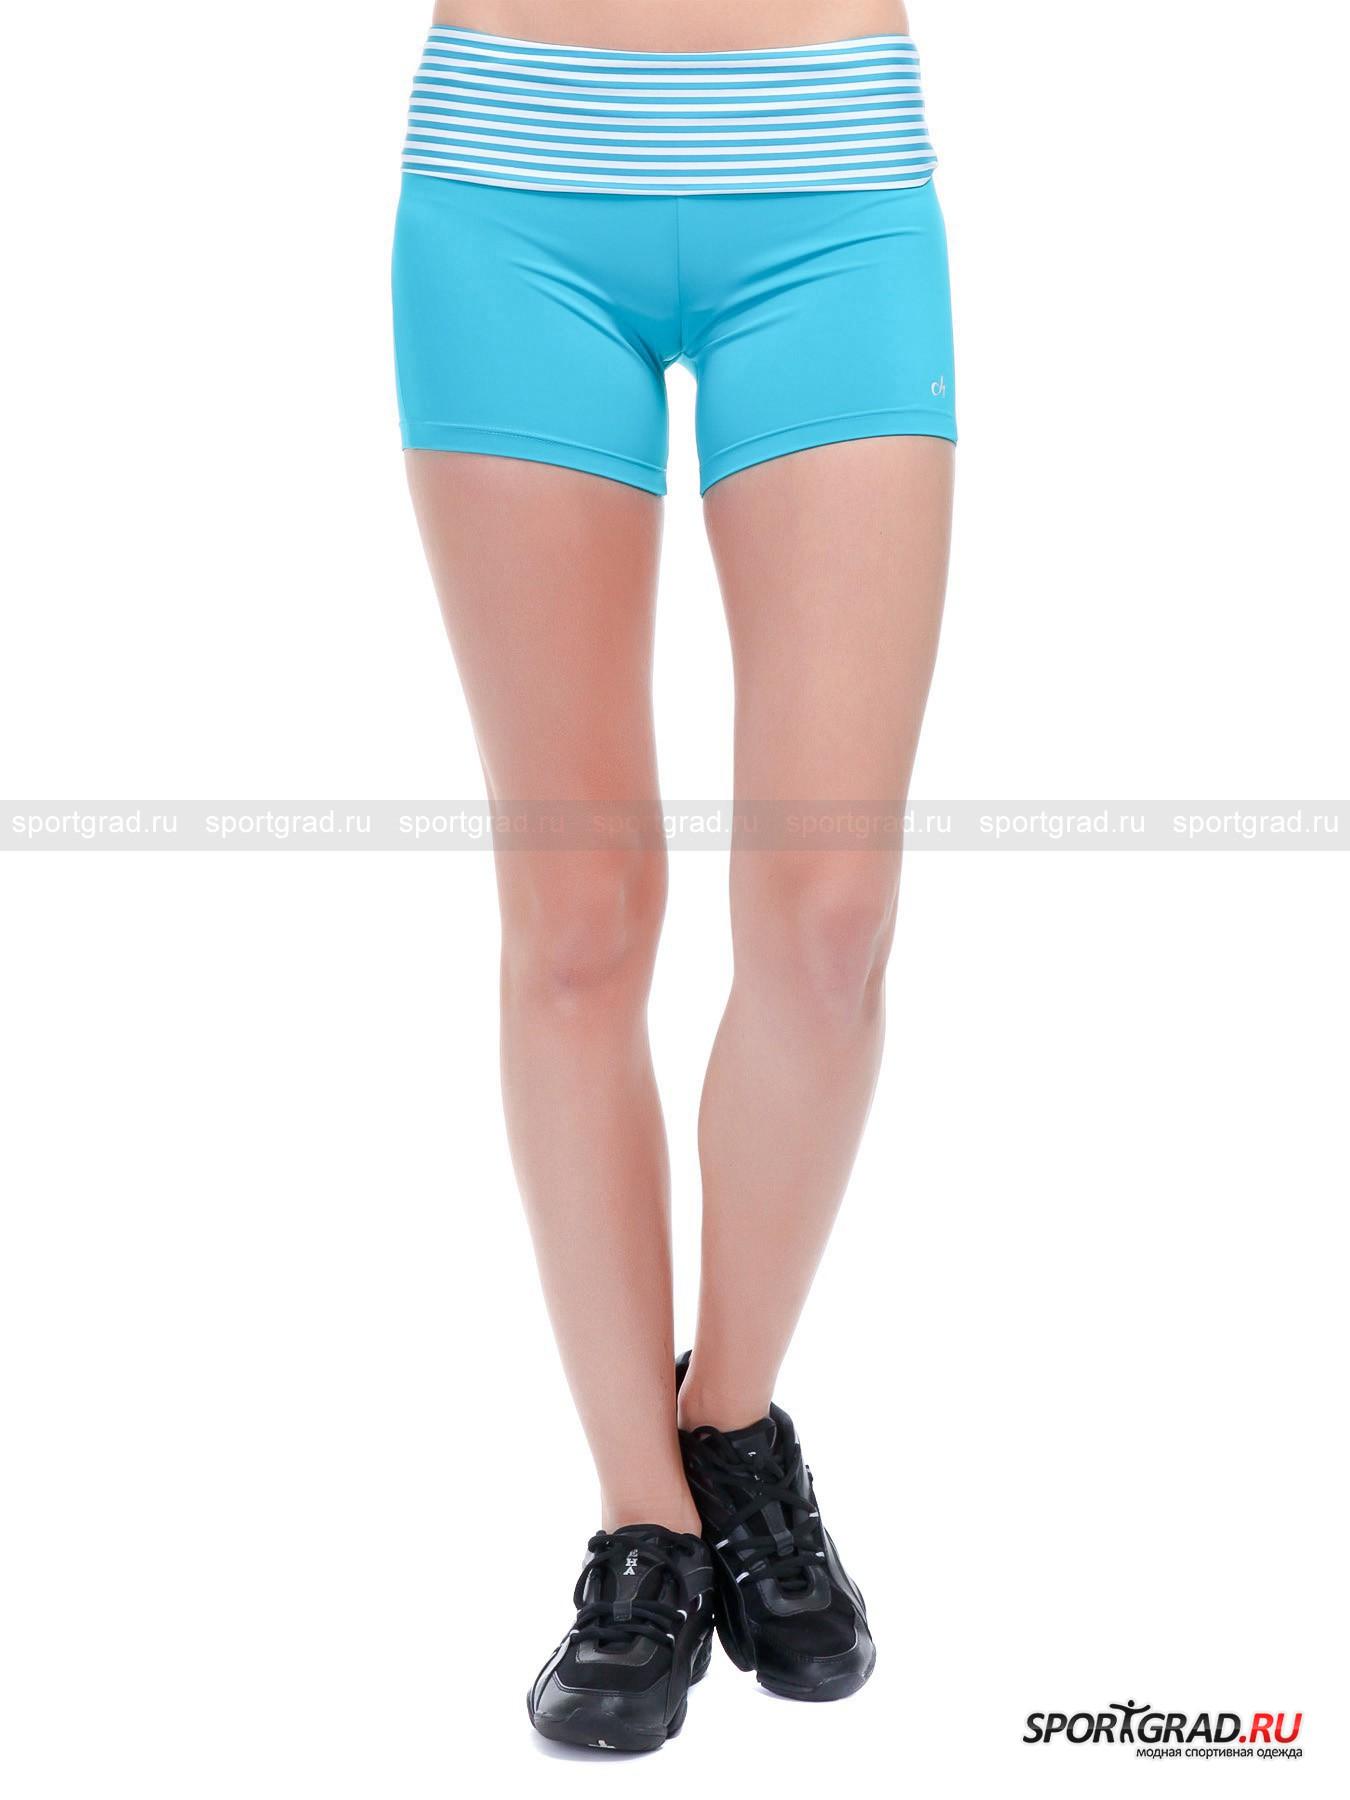 Шорты женские спортивные Shorts DEHA для фитнеса от Спортград